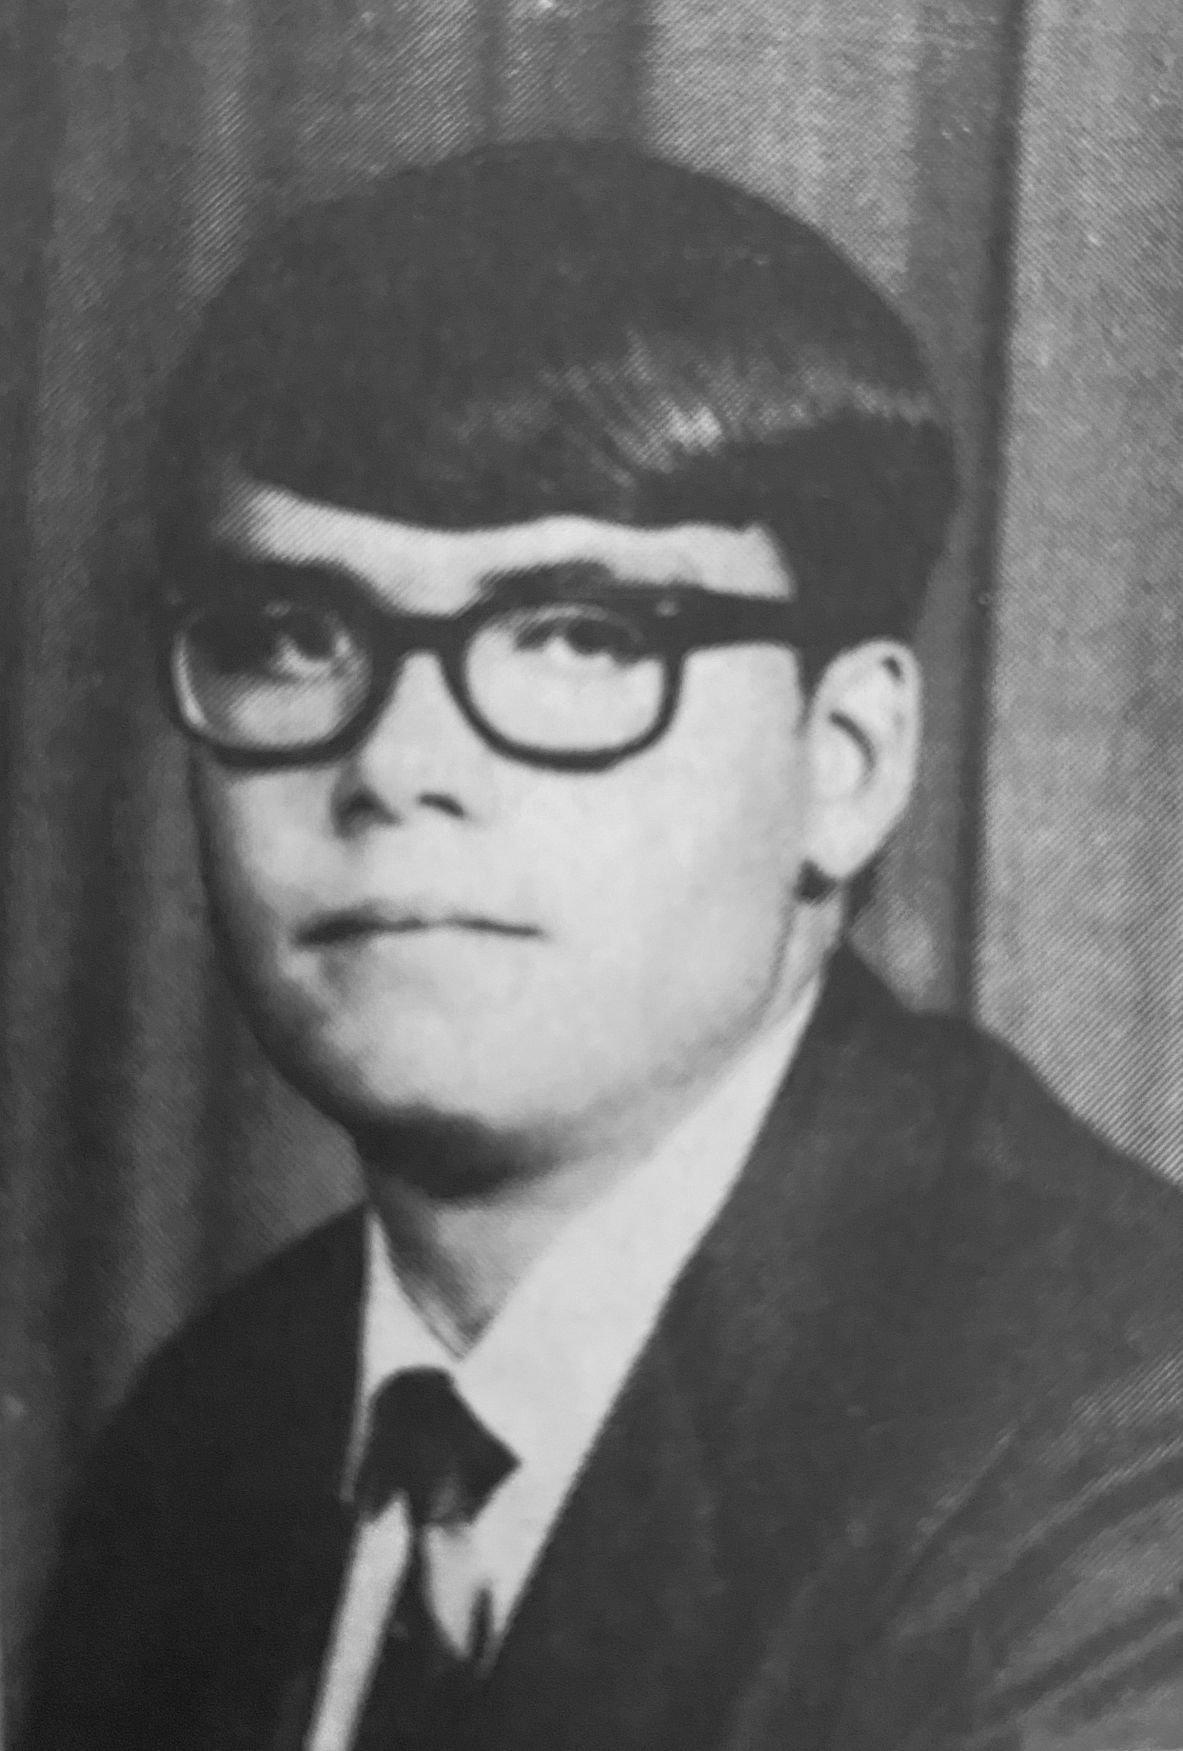 John Moore, Jerry Mothershead FHS Valedictorian, Salutatorian